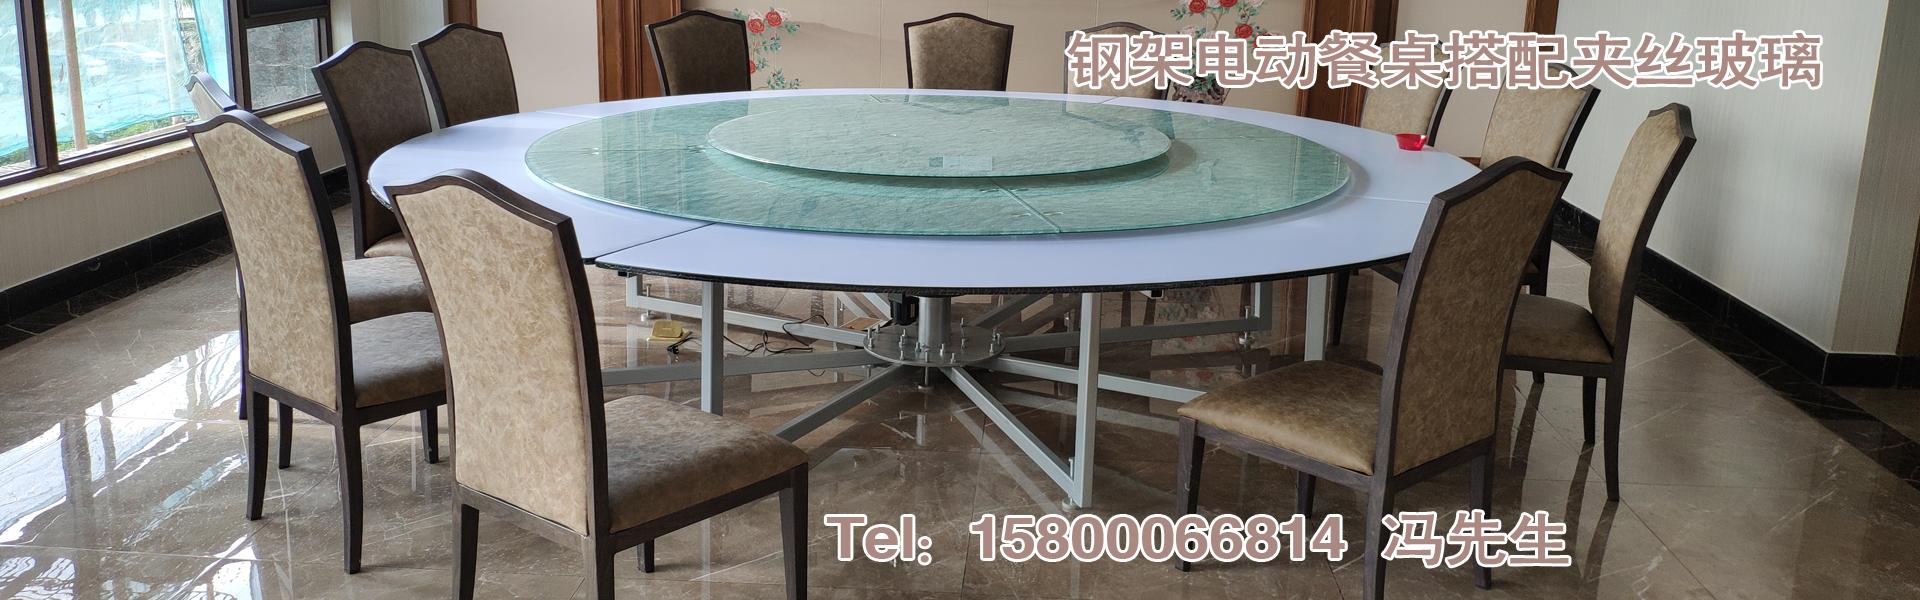 鋼架電動餐桌